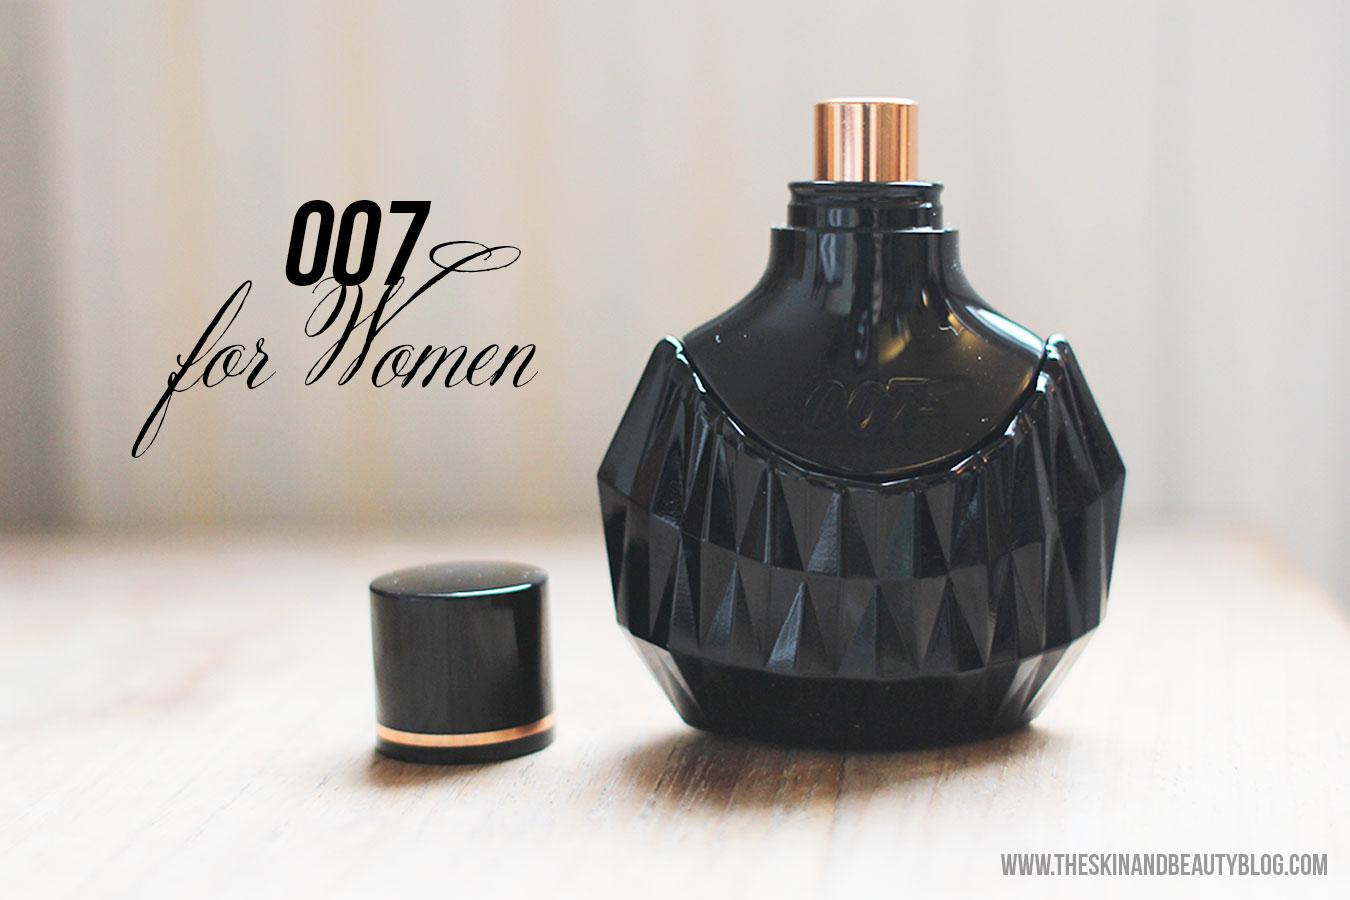 James Bond 007 for Women Fragrance Review